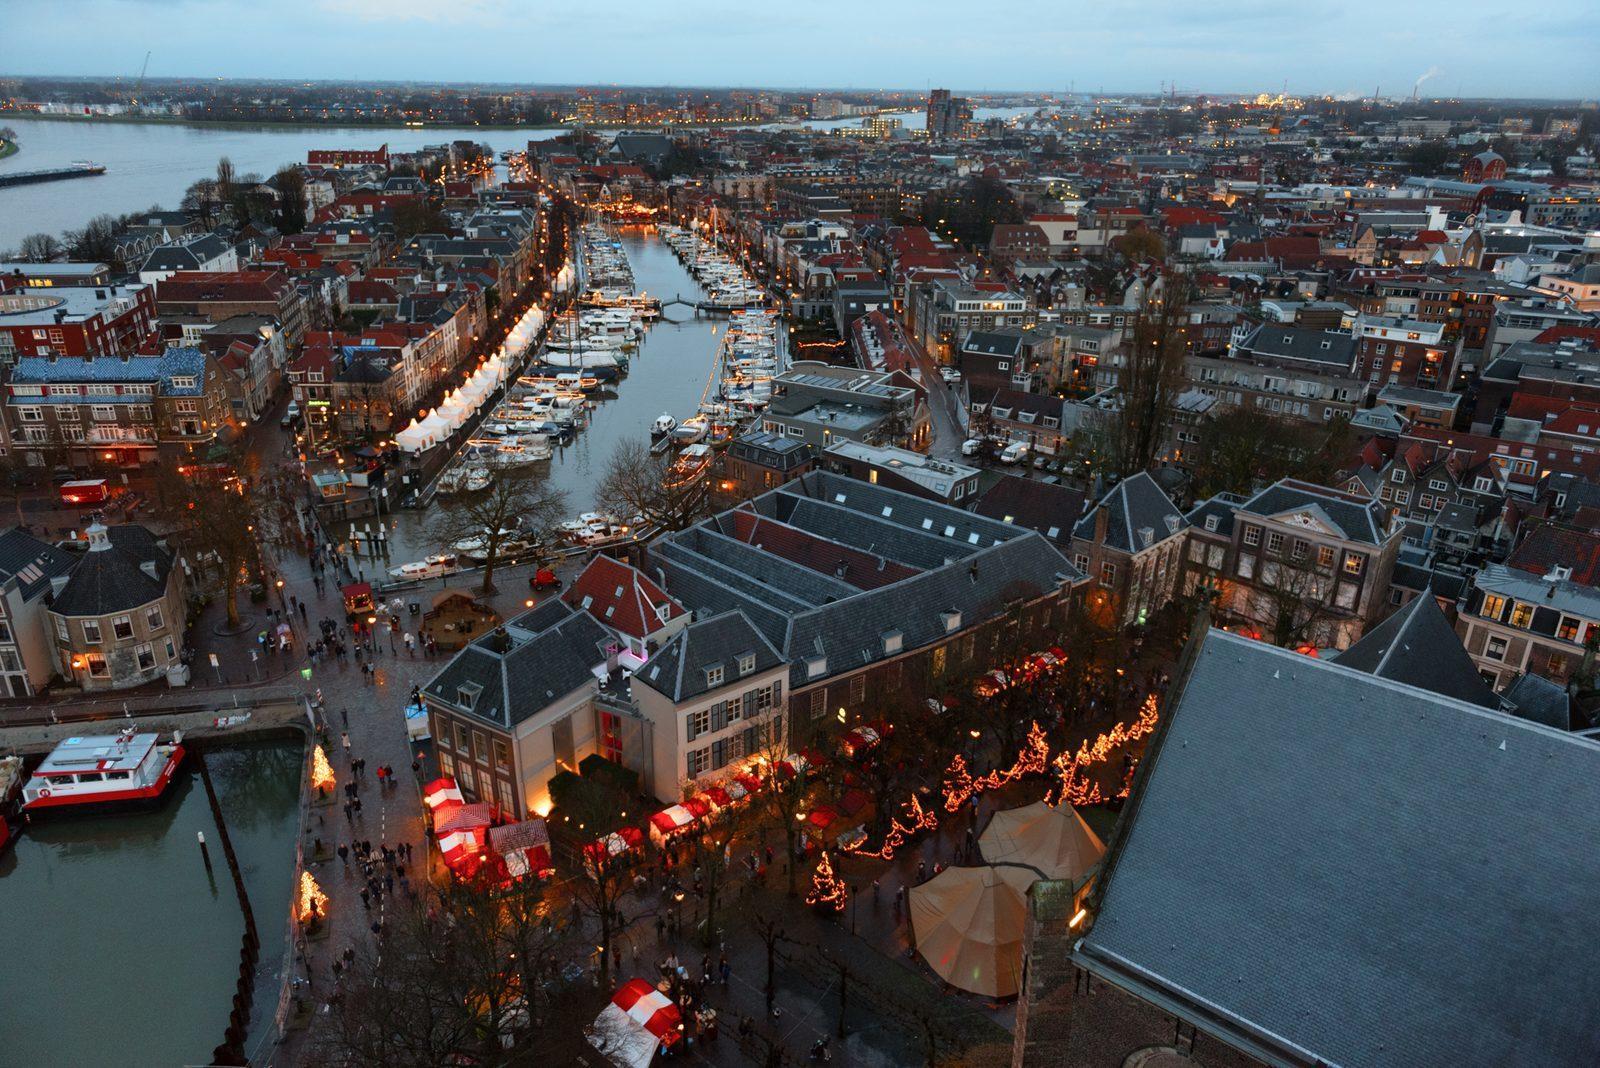 Kerstmarkt van Dordrecht